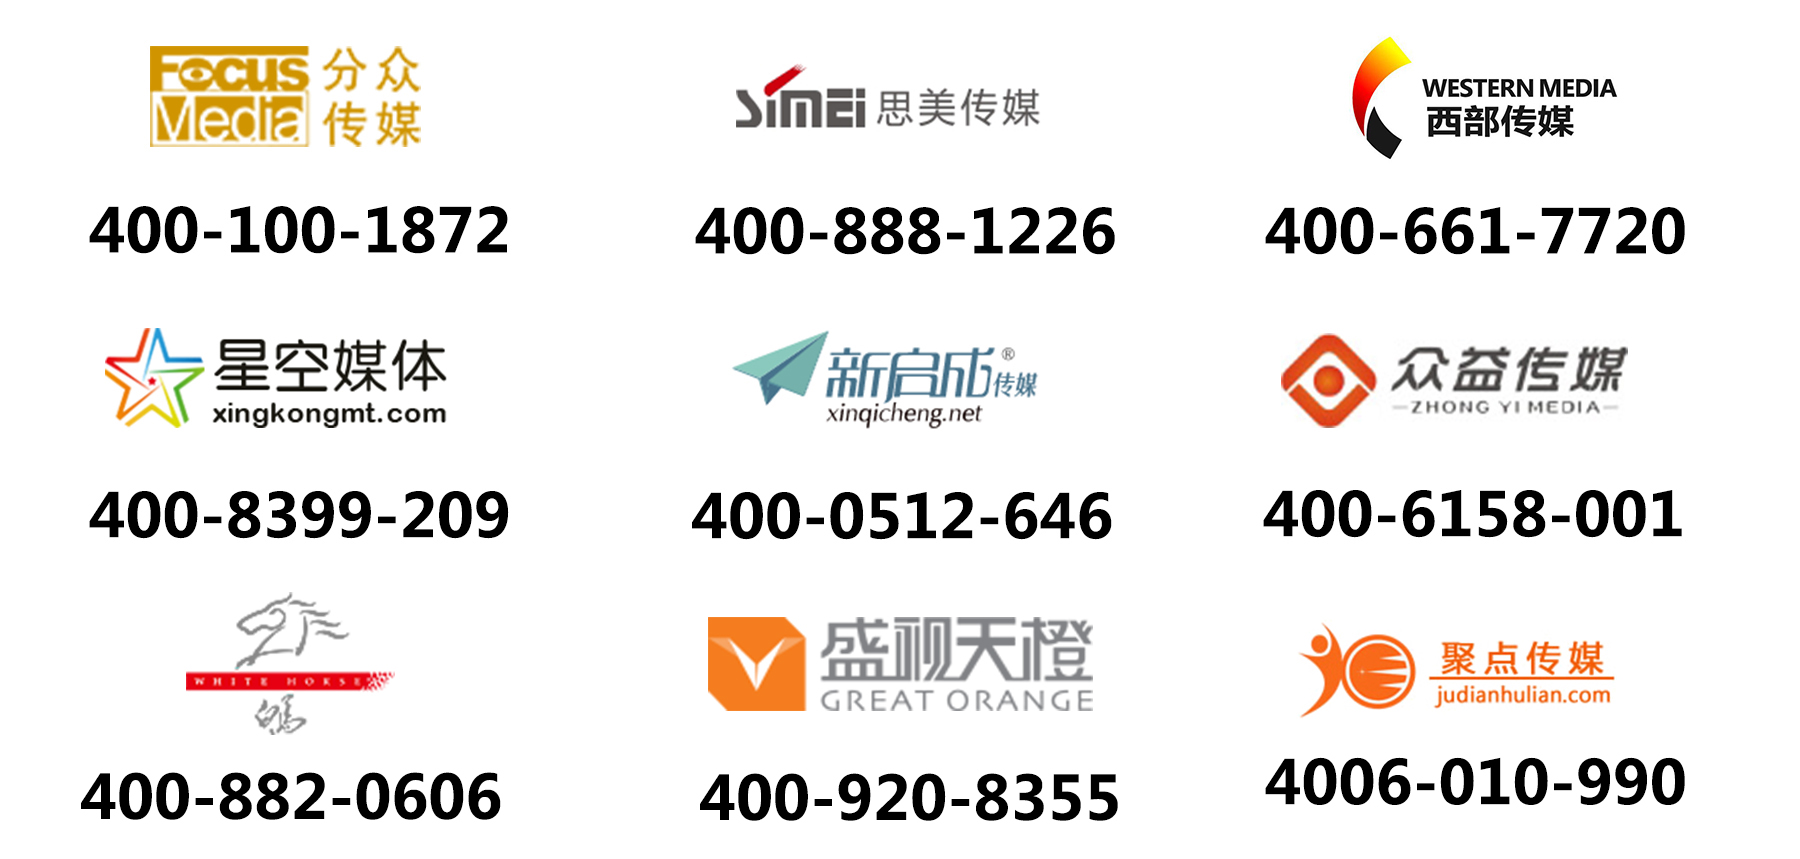 广告传媒行业应用400电话案例